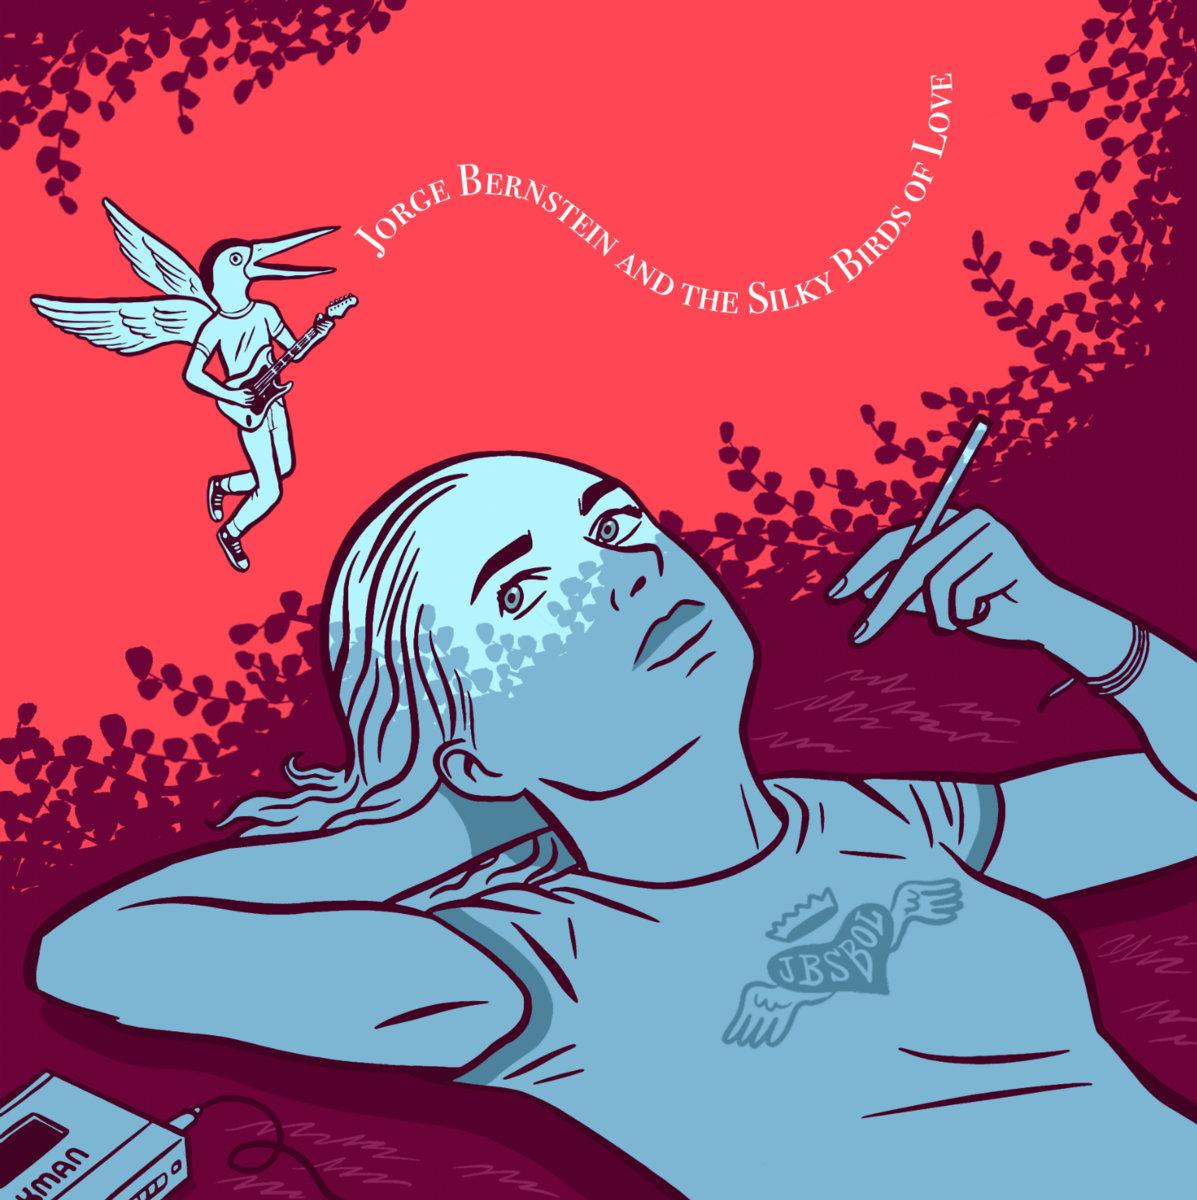 Jorge Bernstein & The Silky Birds Of Love – Jorge Bernstein & The Silky Birds Of Love